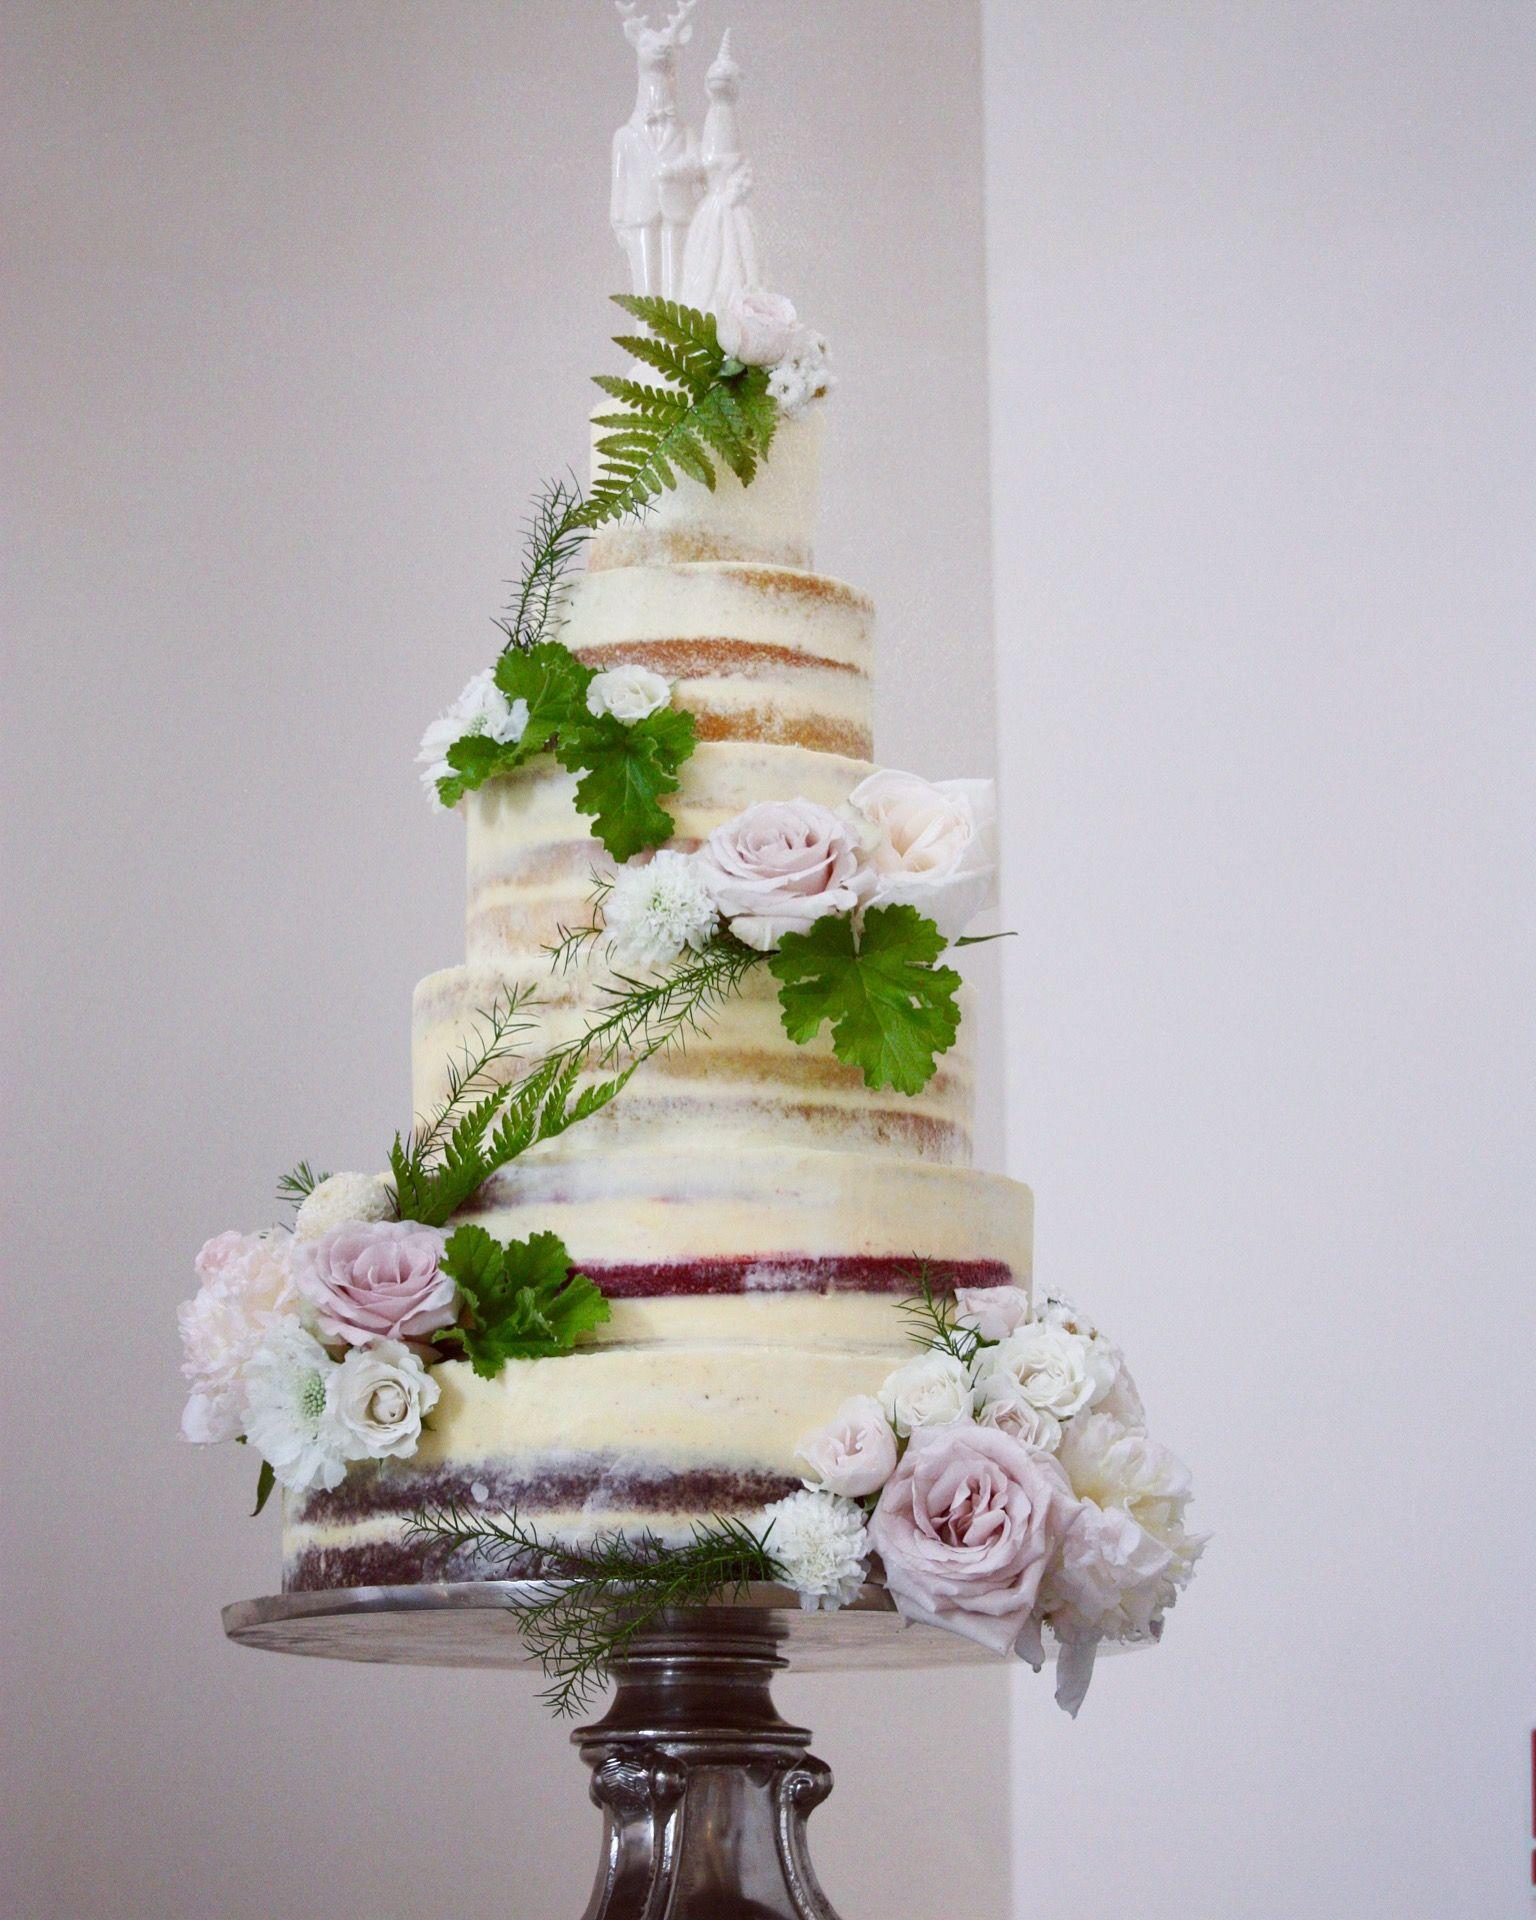 Awesome Woodland Wedding Cakes Images - The Wedding Ideas ...